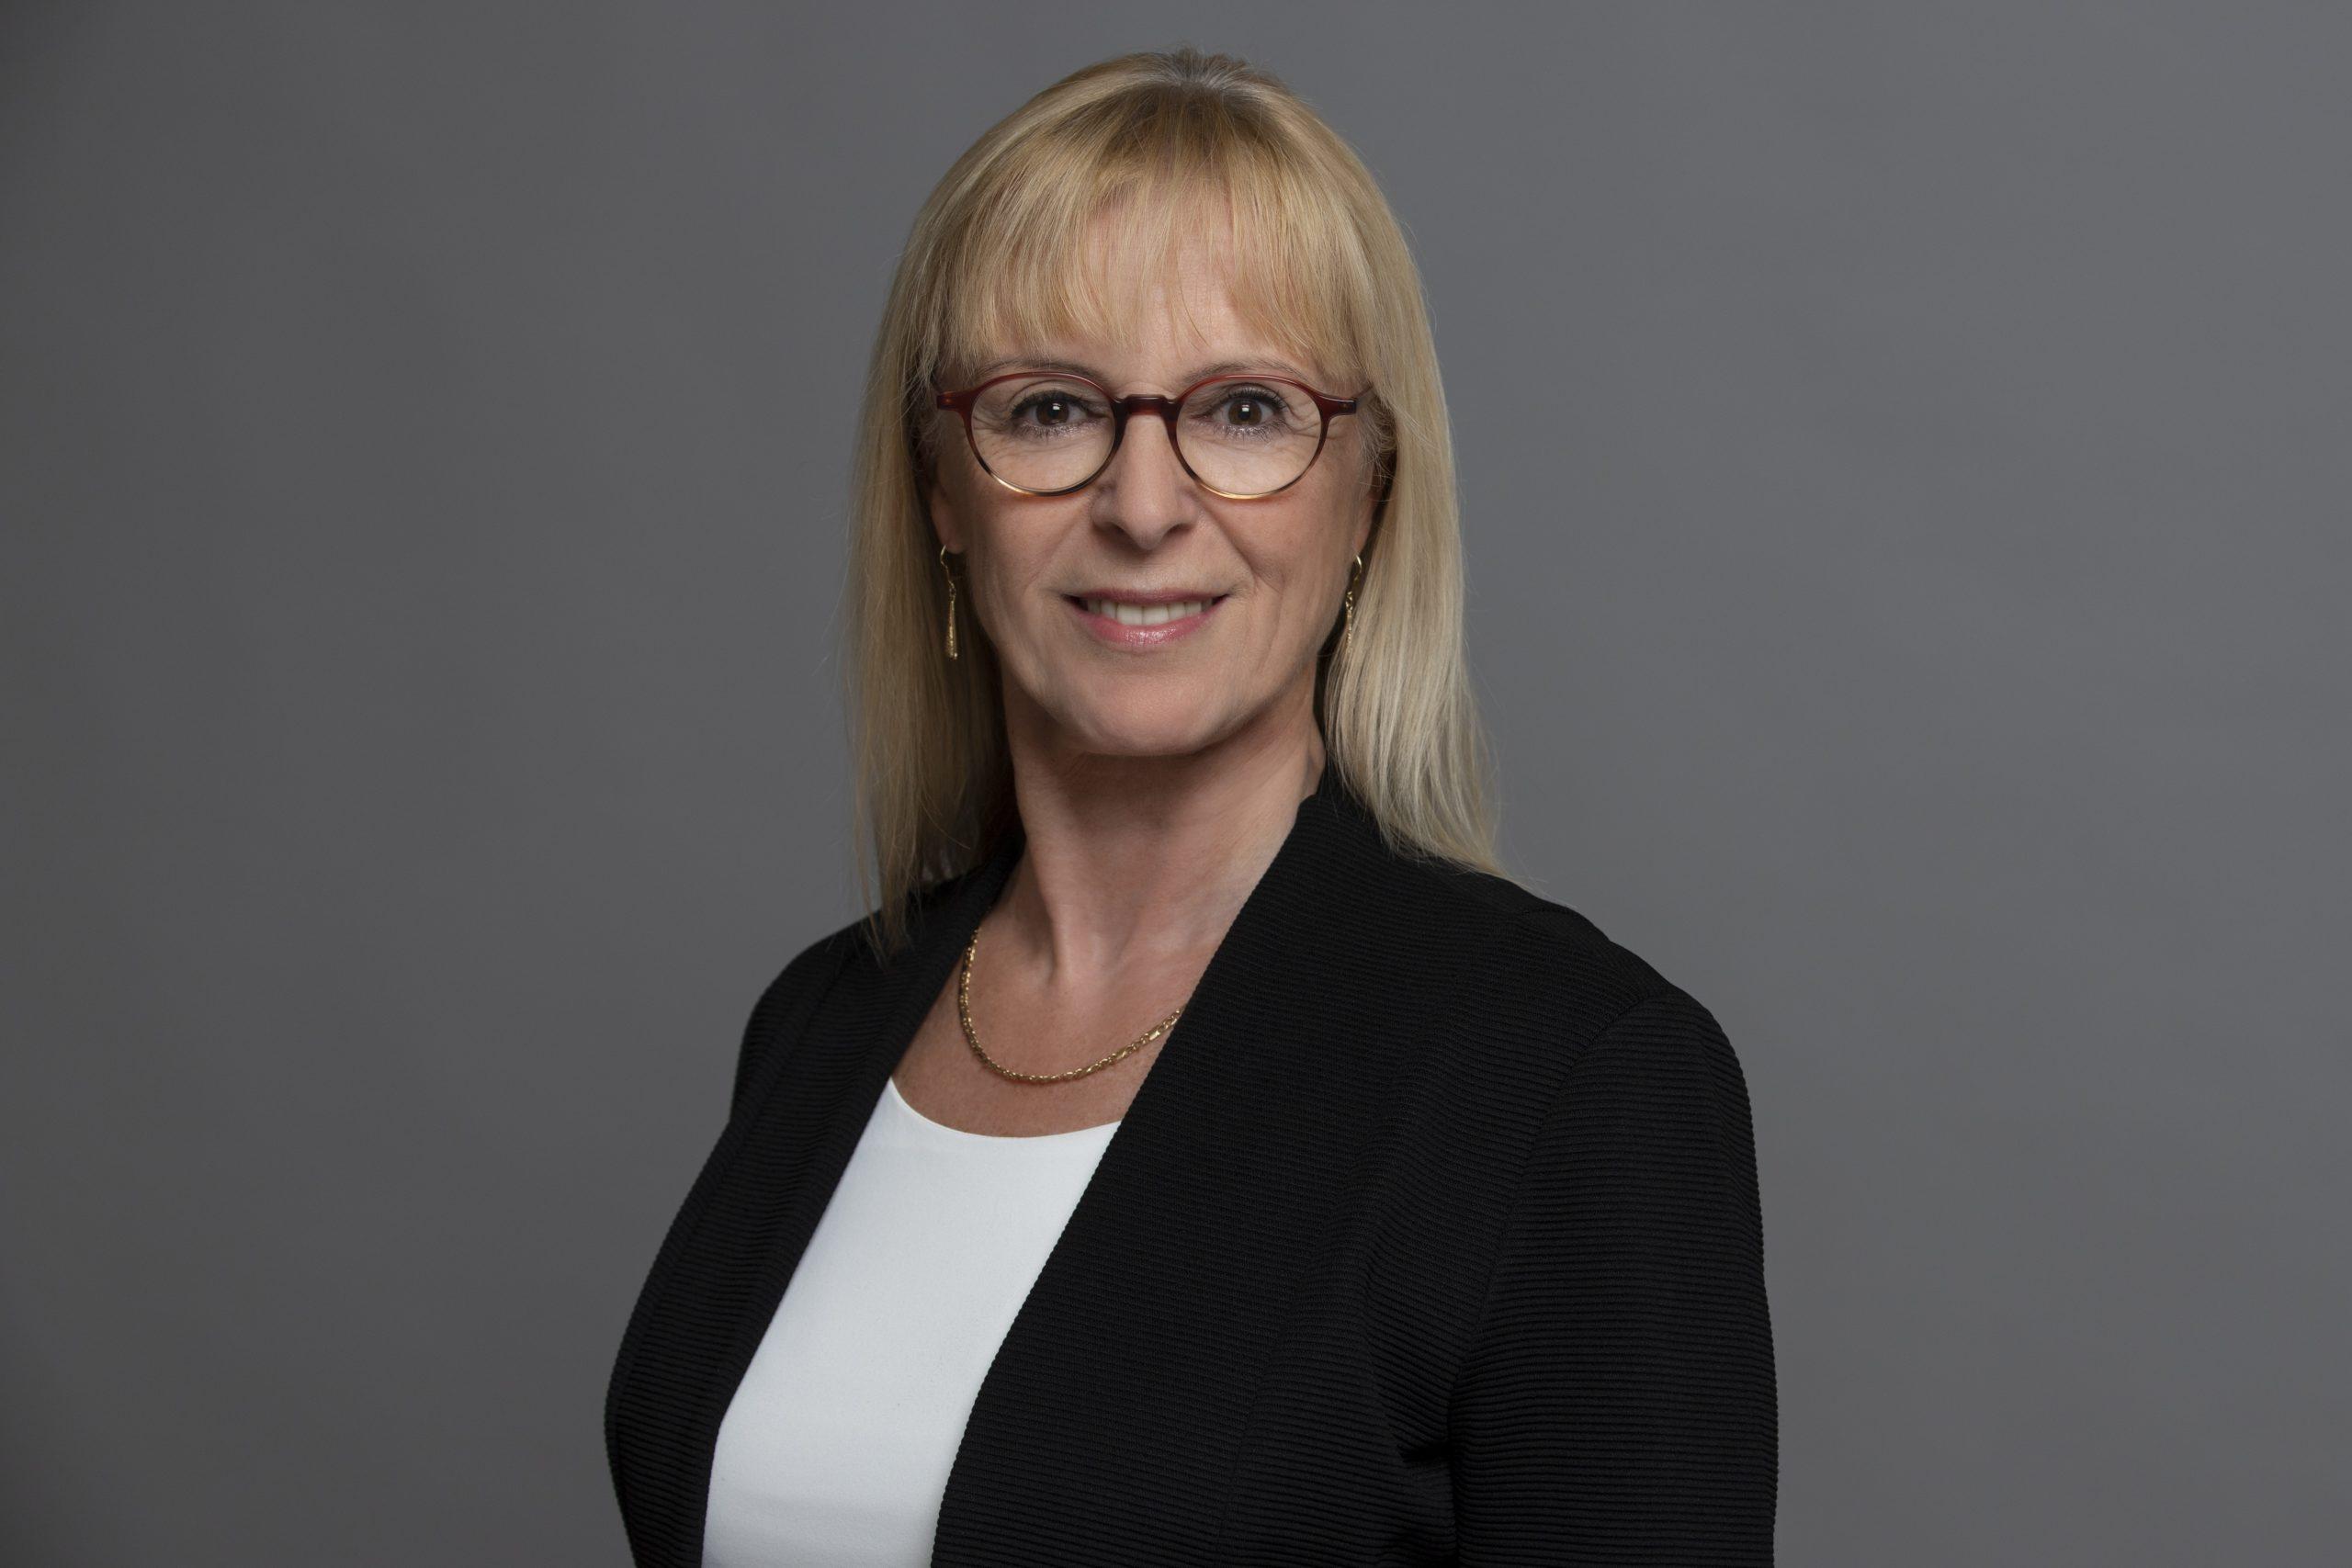 Monika Knieler, die erfahrene Anwältin